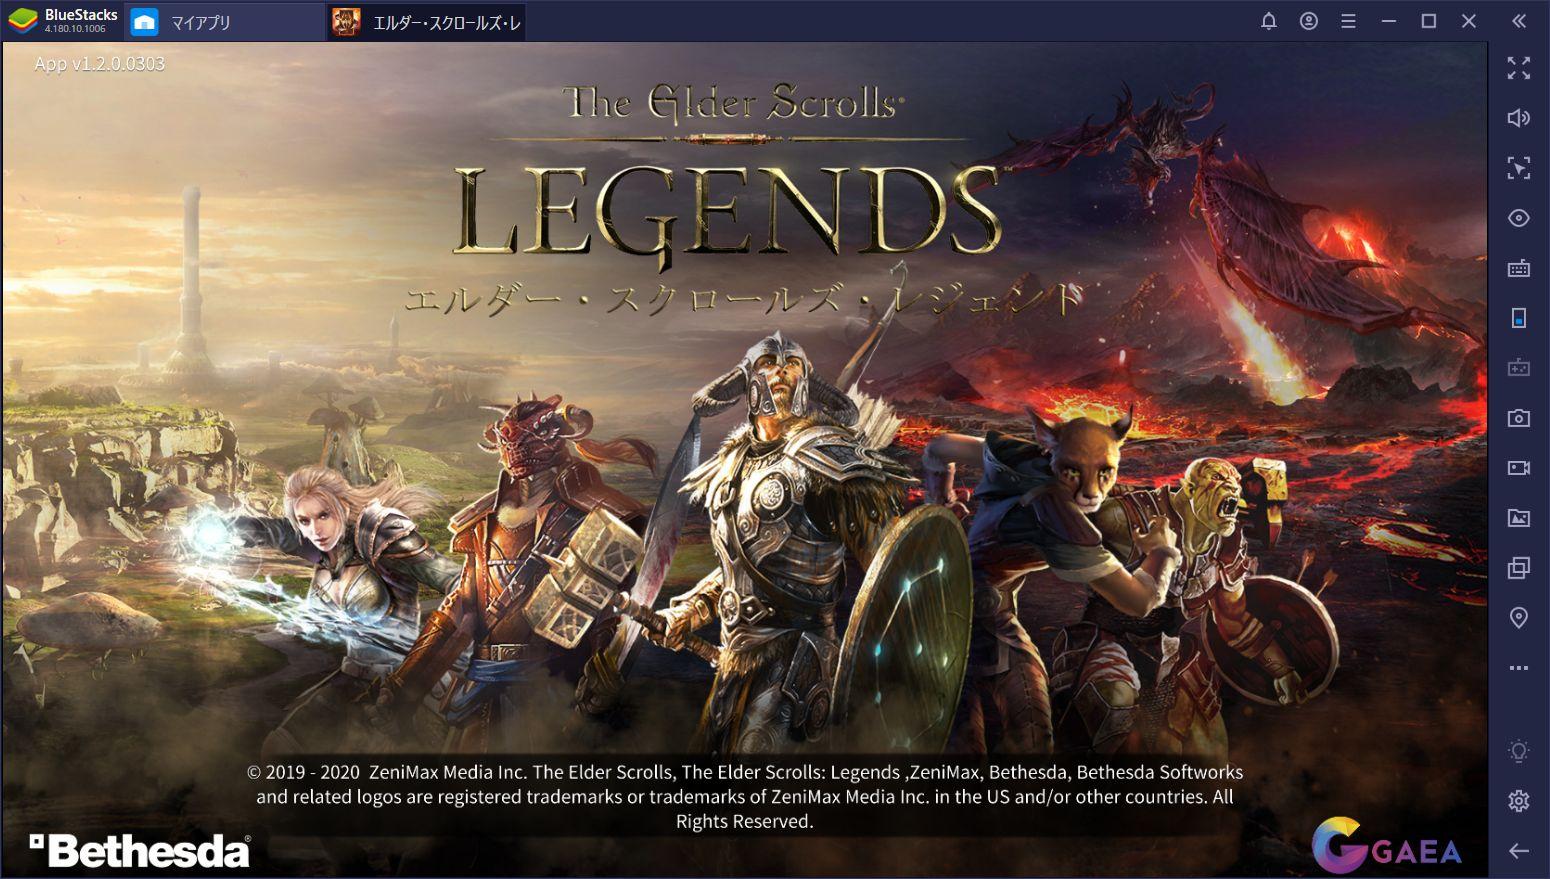 BlueStacksを使ってPCで『エルダー・スクロールズ・レジェンド The Elder Scrolls: Legends』を遊ぼう